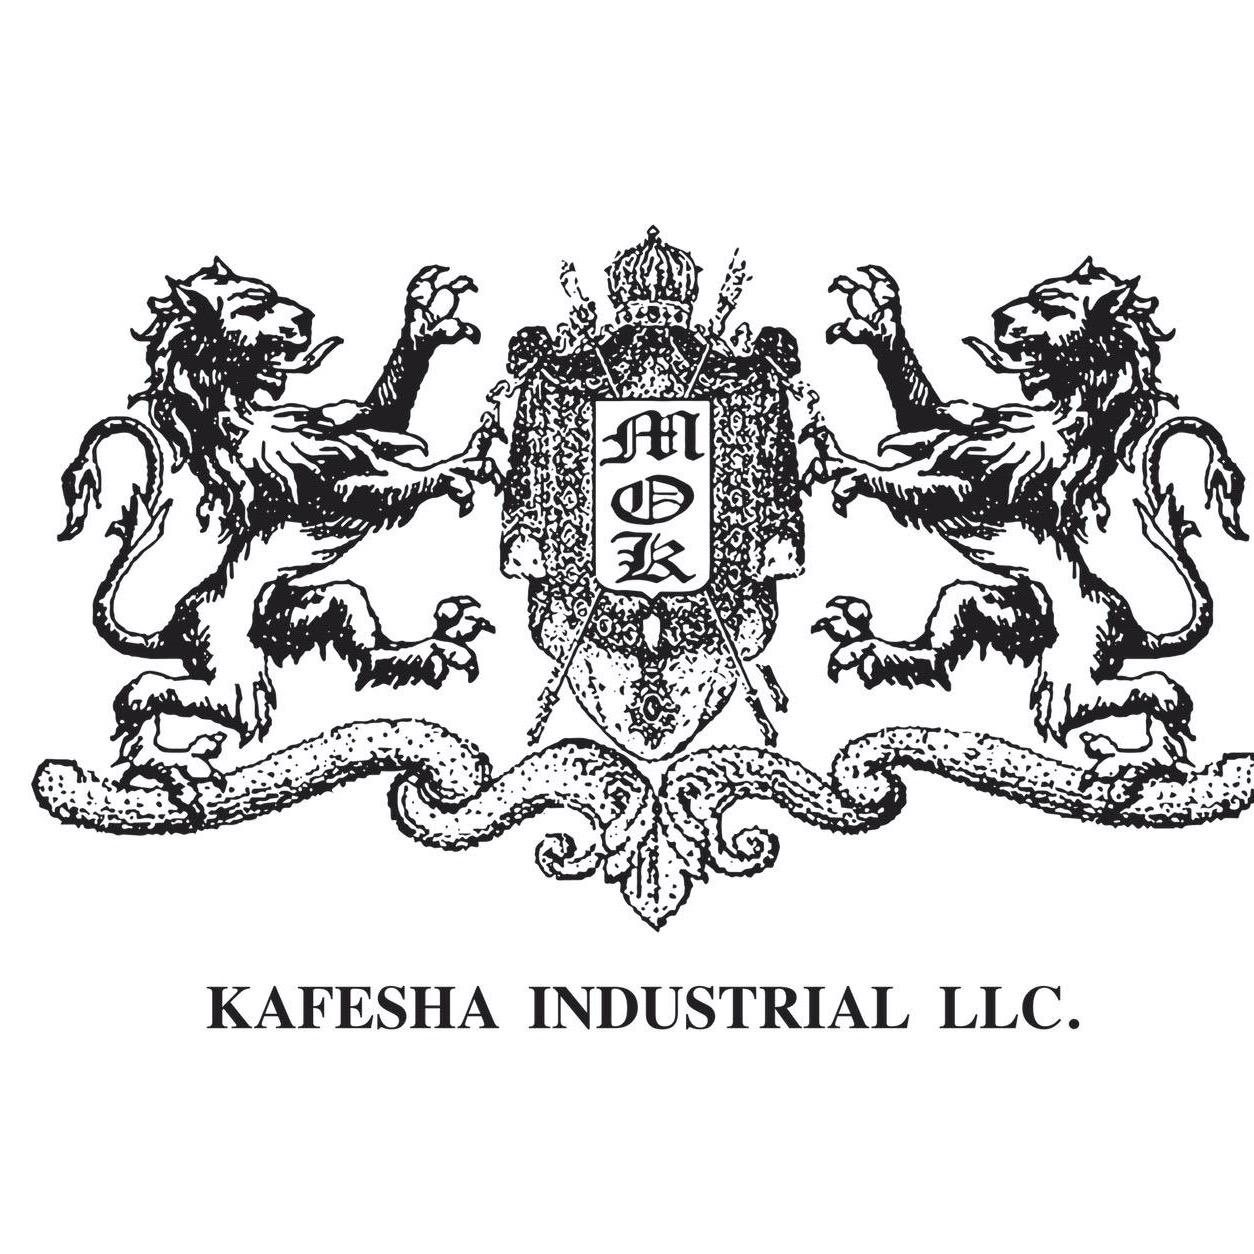 Kafesha Industrial LLC